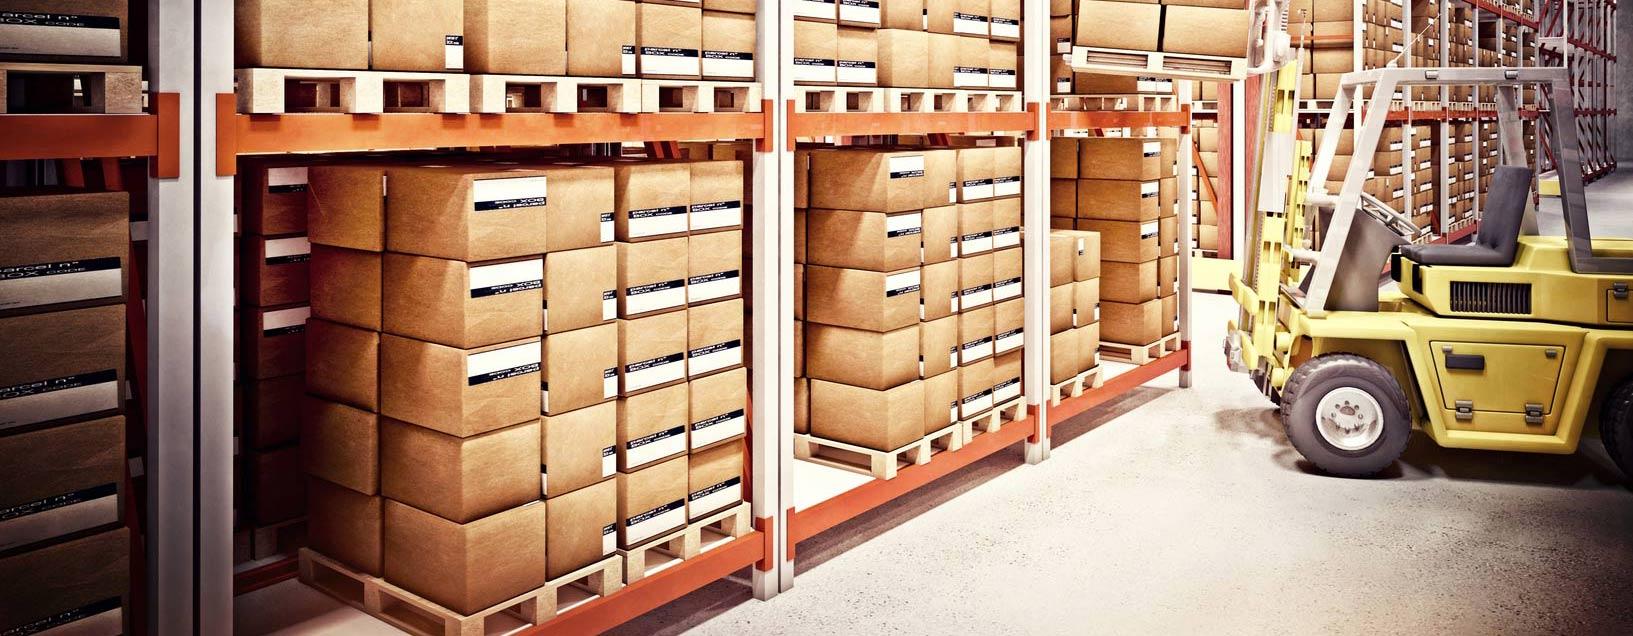 Способы и преимущества складского ответственного хранения